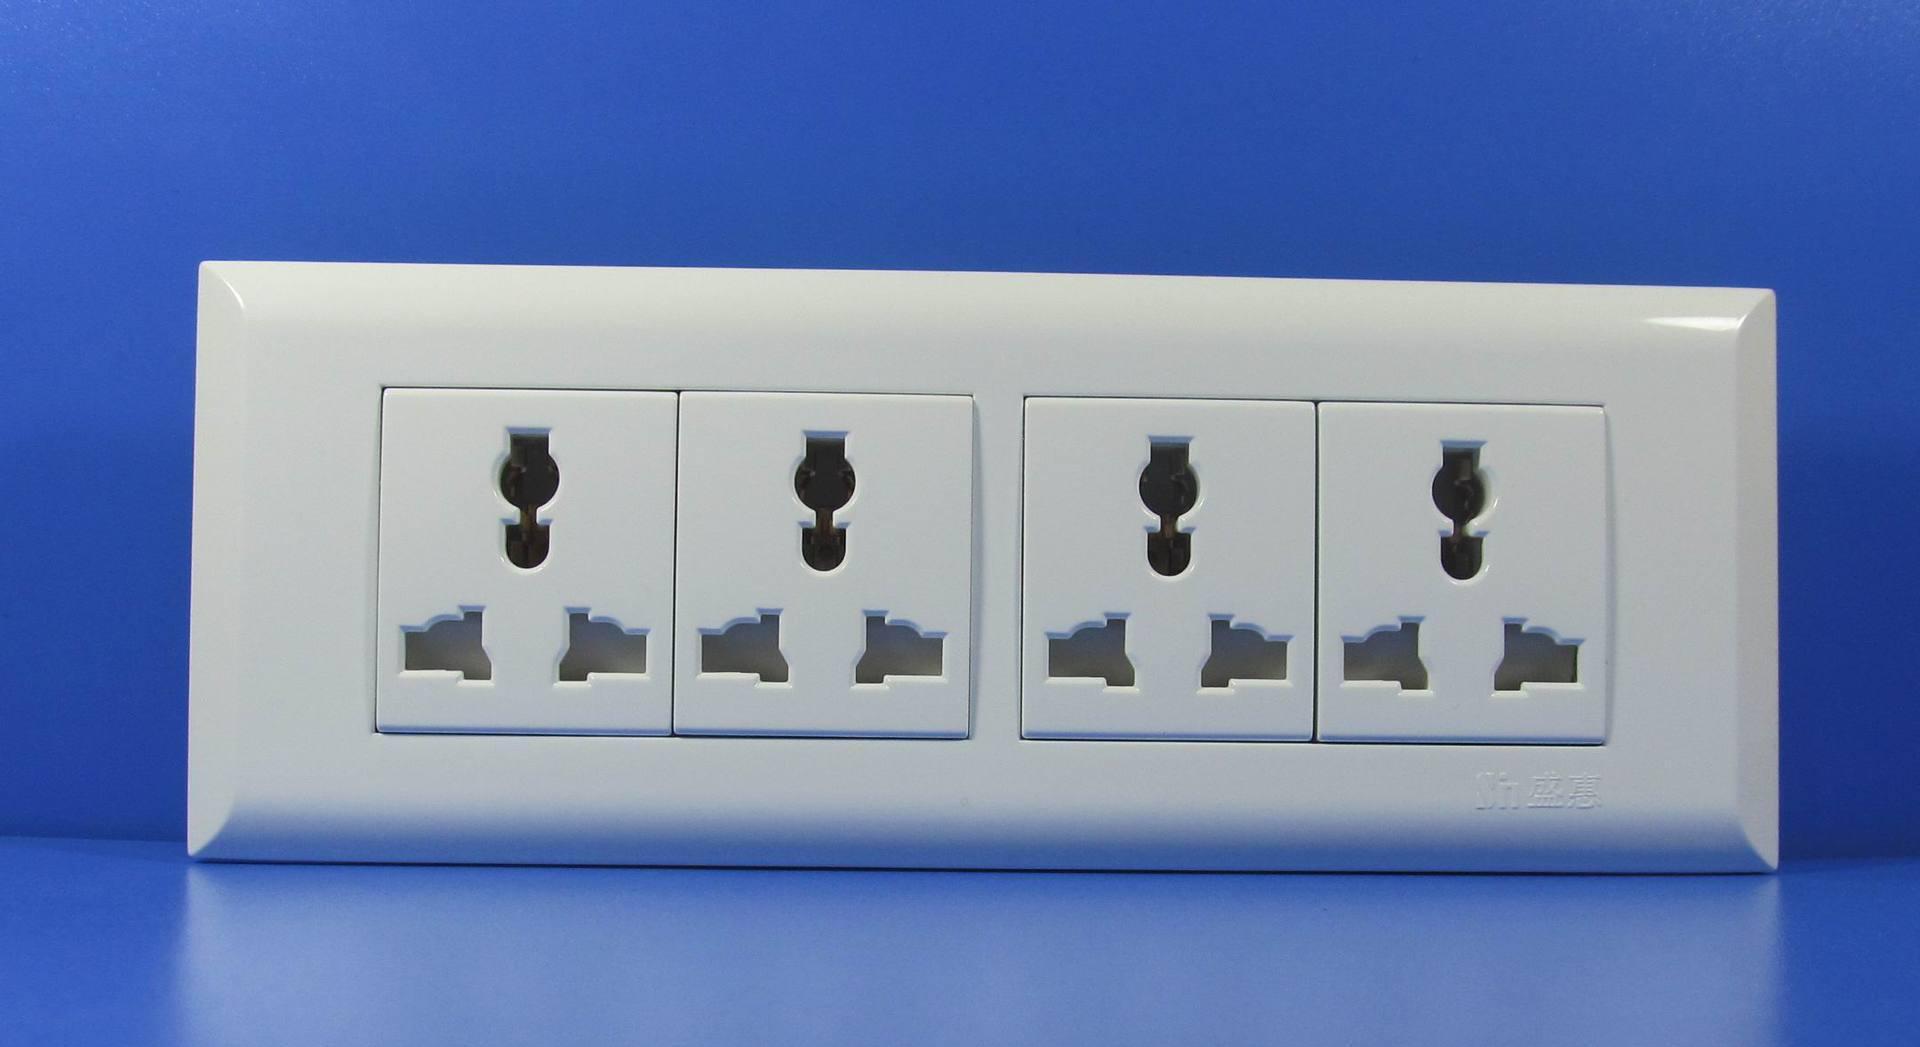 多功能插座的作用有什么?多功能插座有哪些优点?